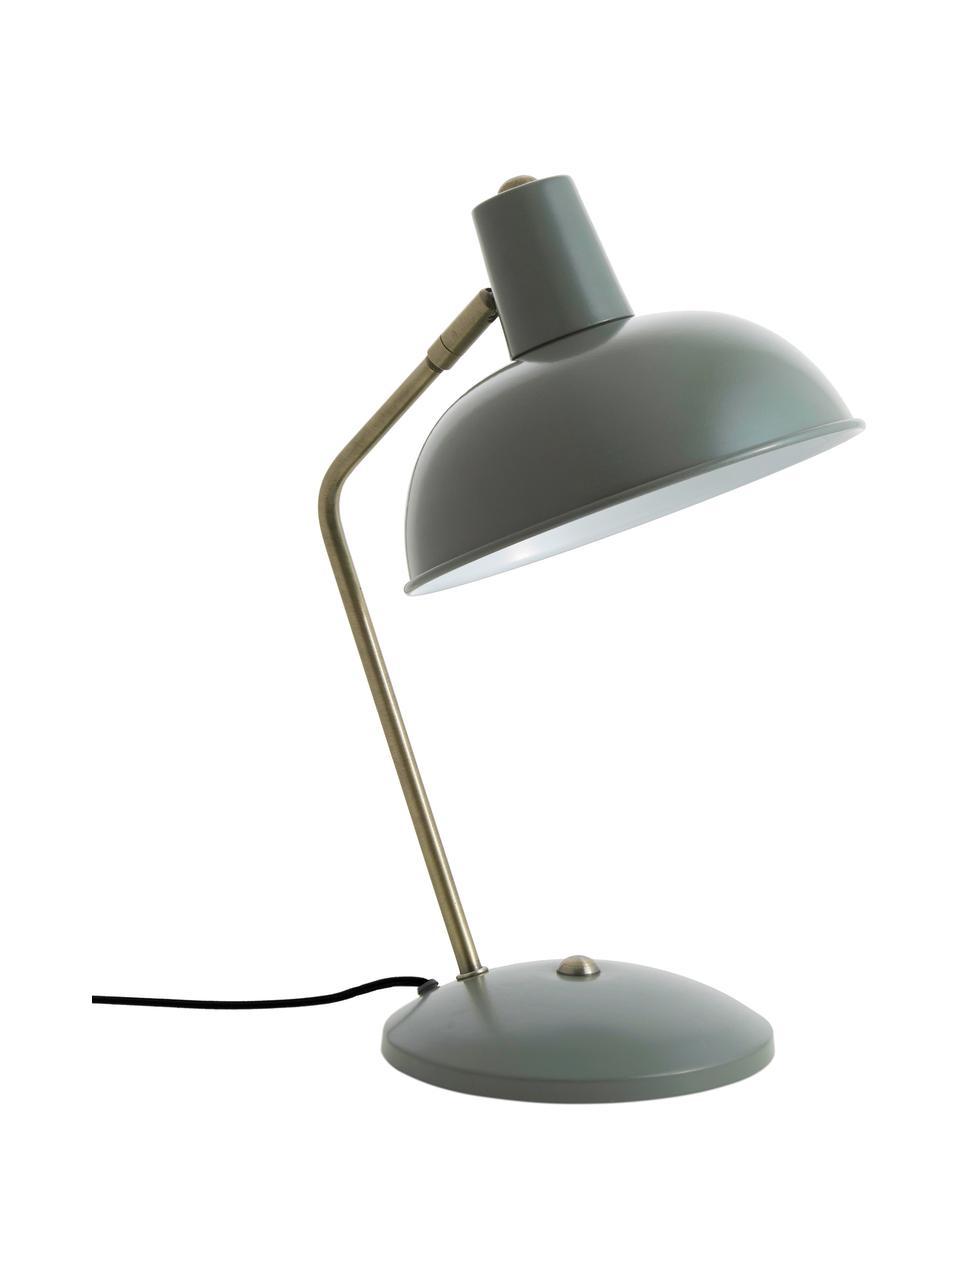 Lampa biurkowa w stylu retro Hood, Lampa: zielony, złoty Klosz wewnątrz: biały, S 20 x W 38 cm